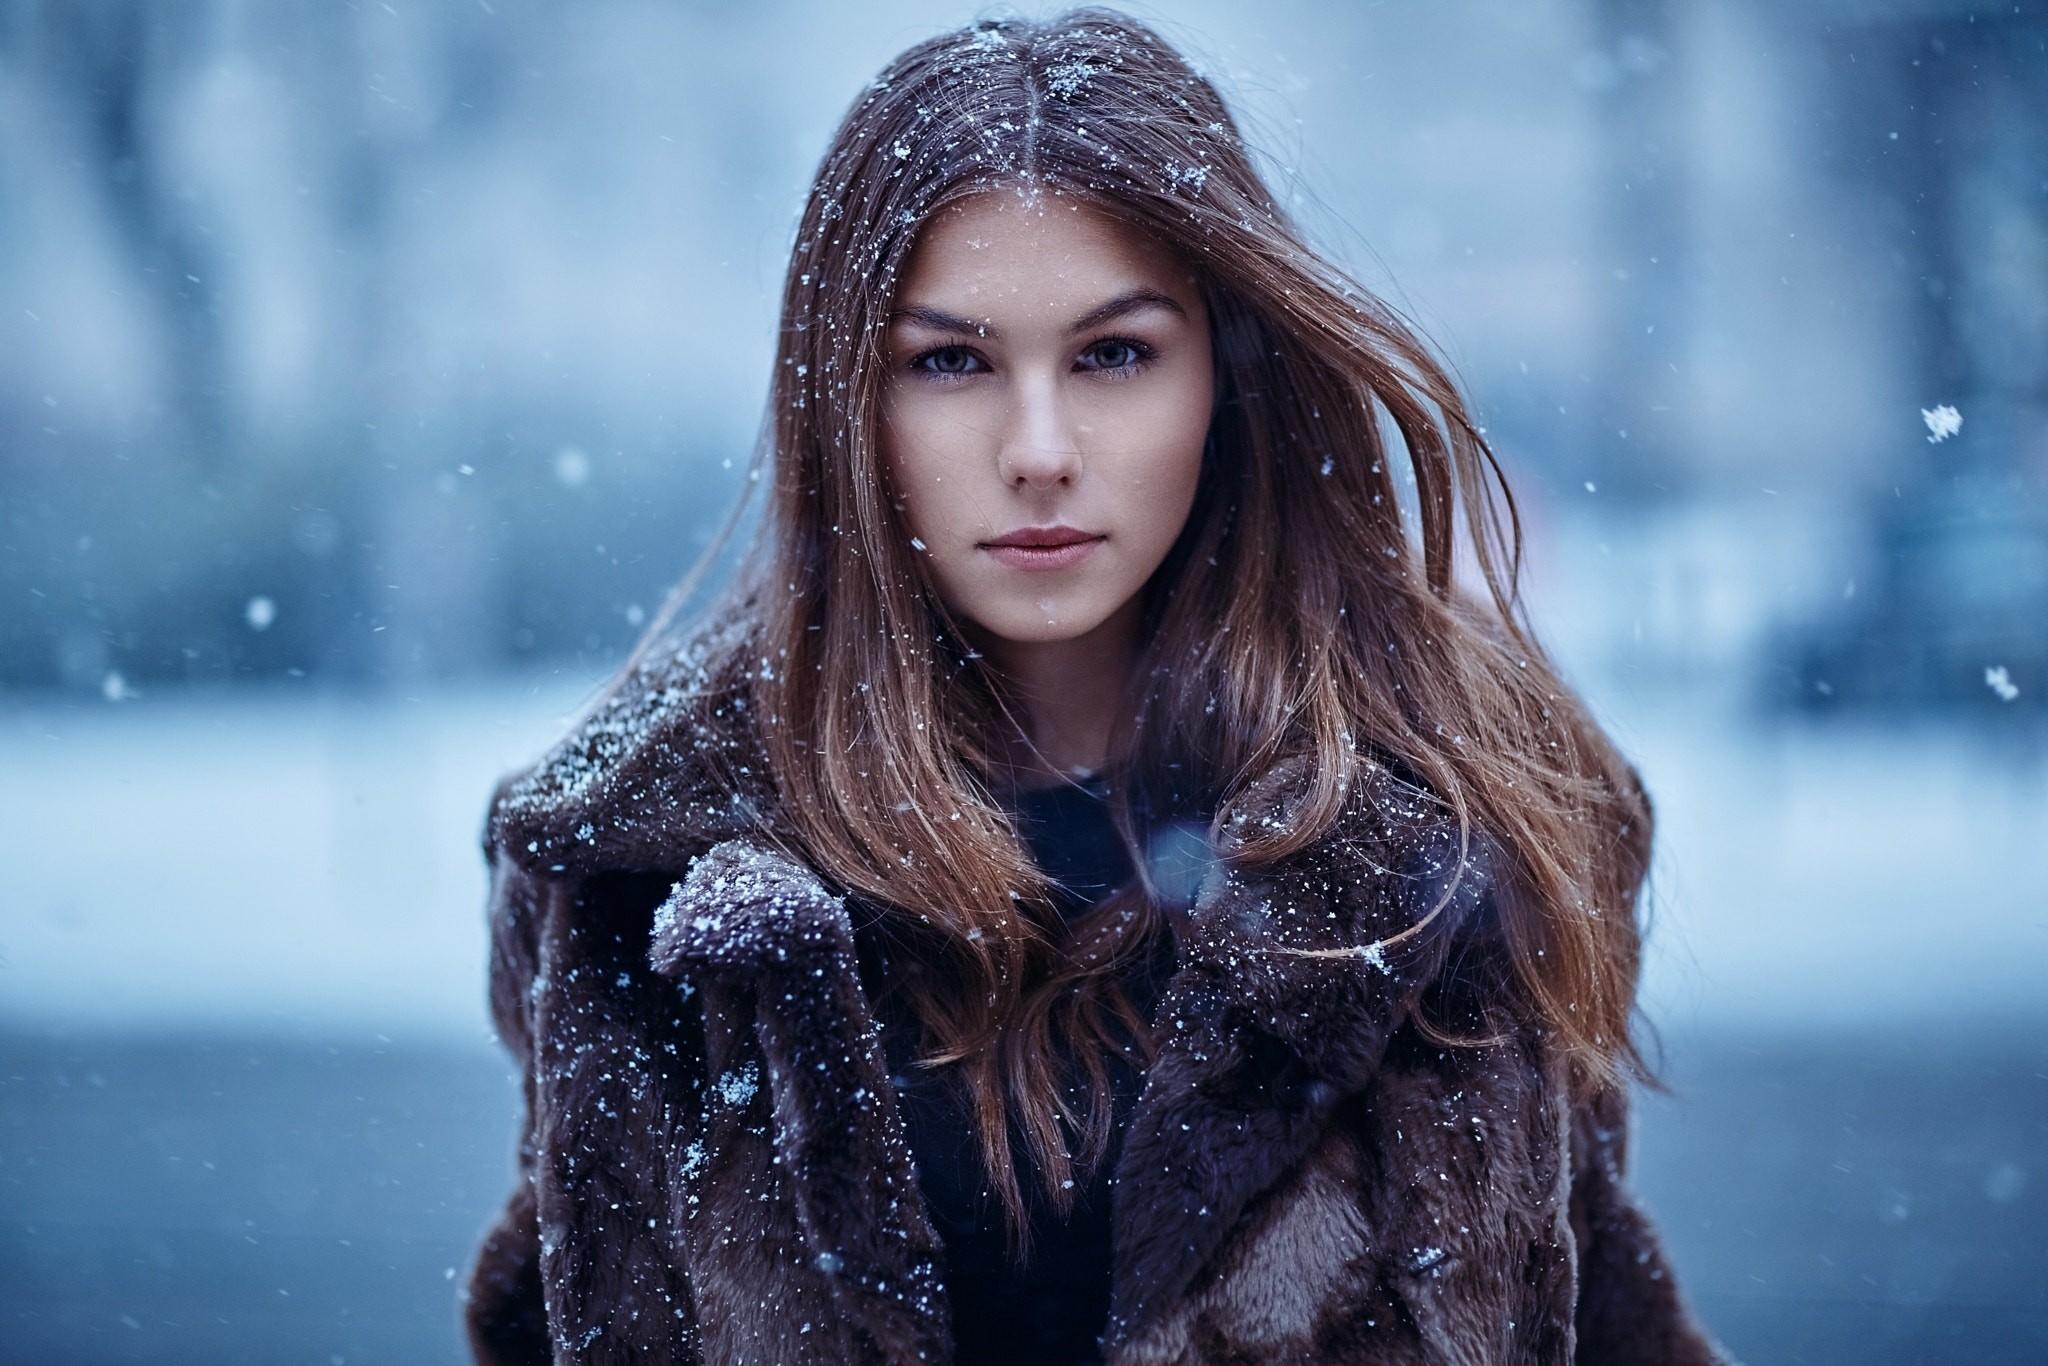 Девушка в снежинках картинка